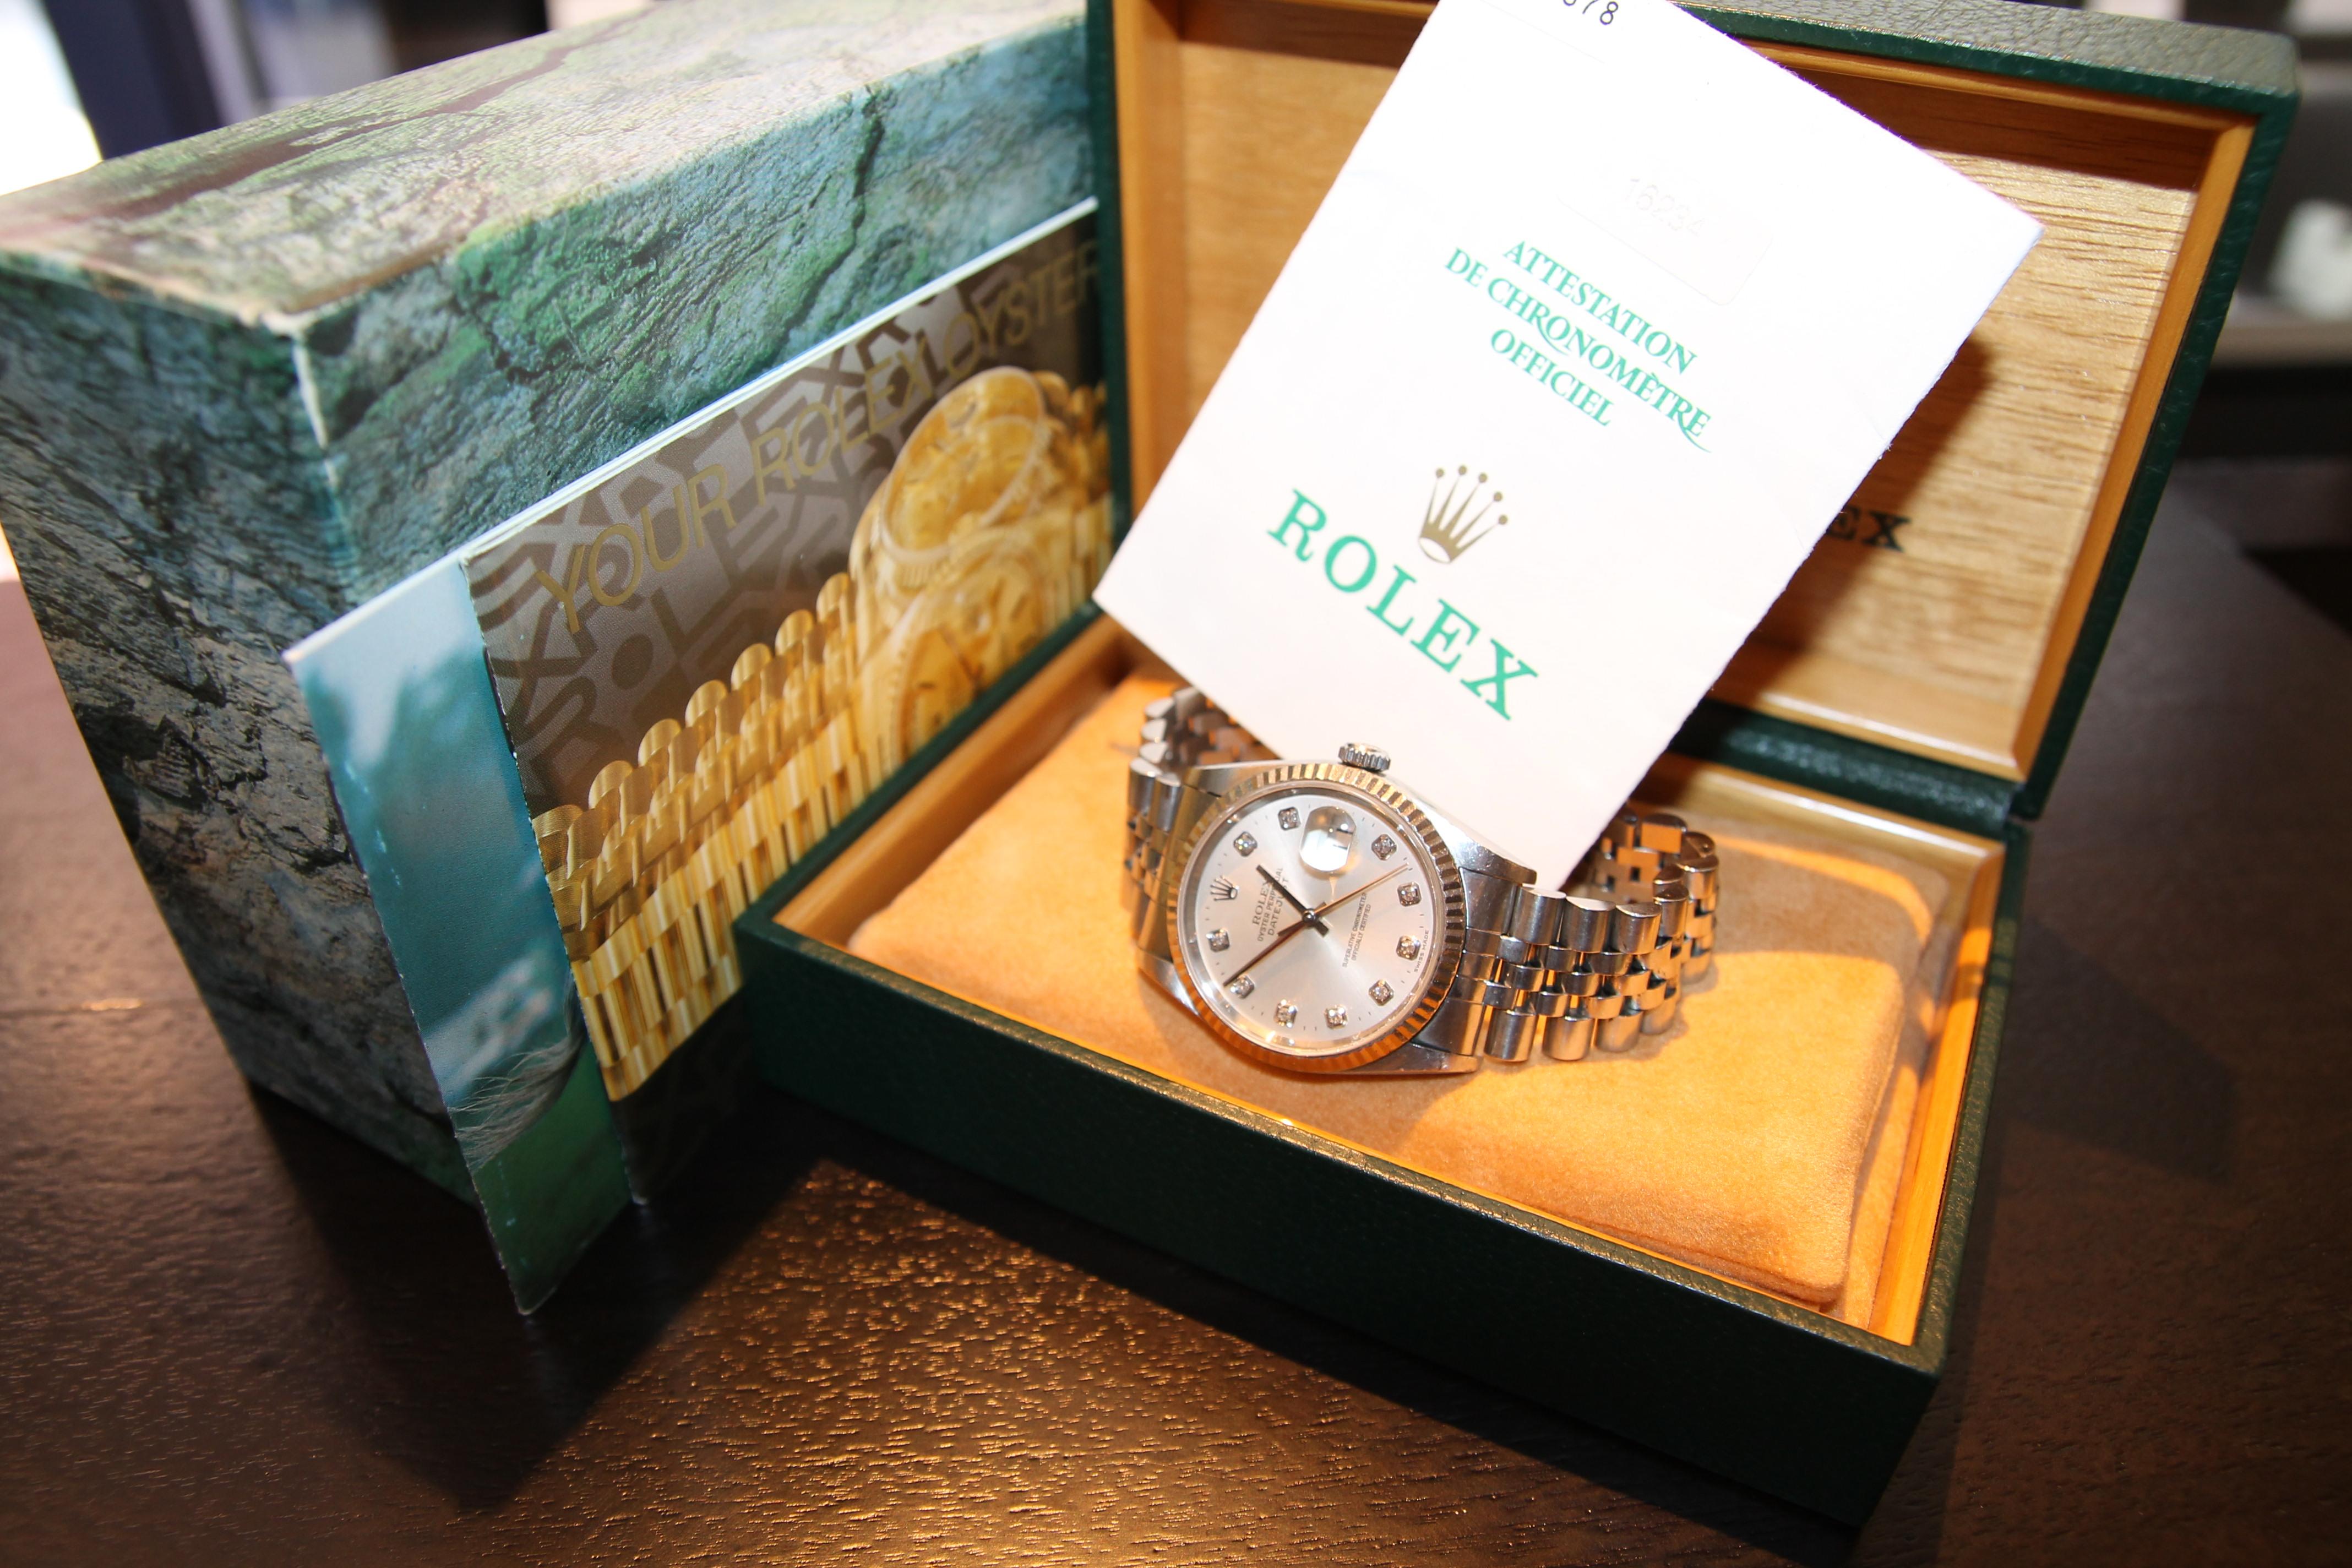 愛知県のお客様より、ロレックス デイトジャスト 16234G T番(箱・保証書付属)を買取いたしました